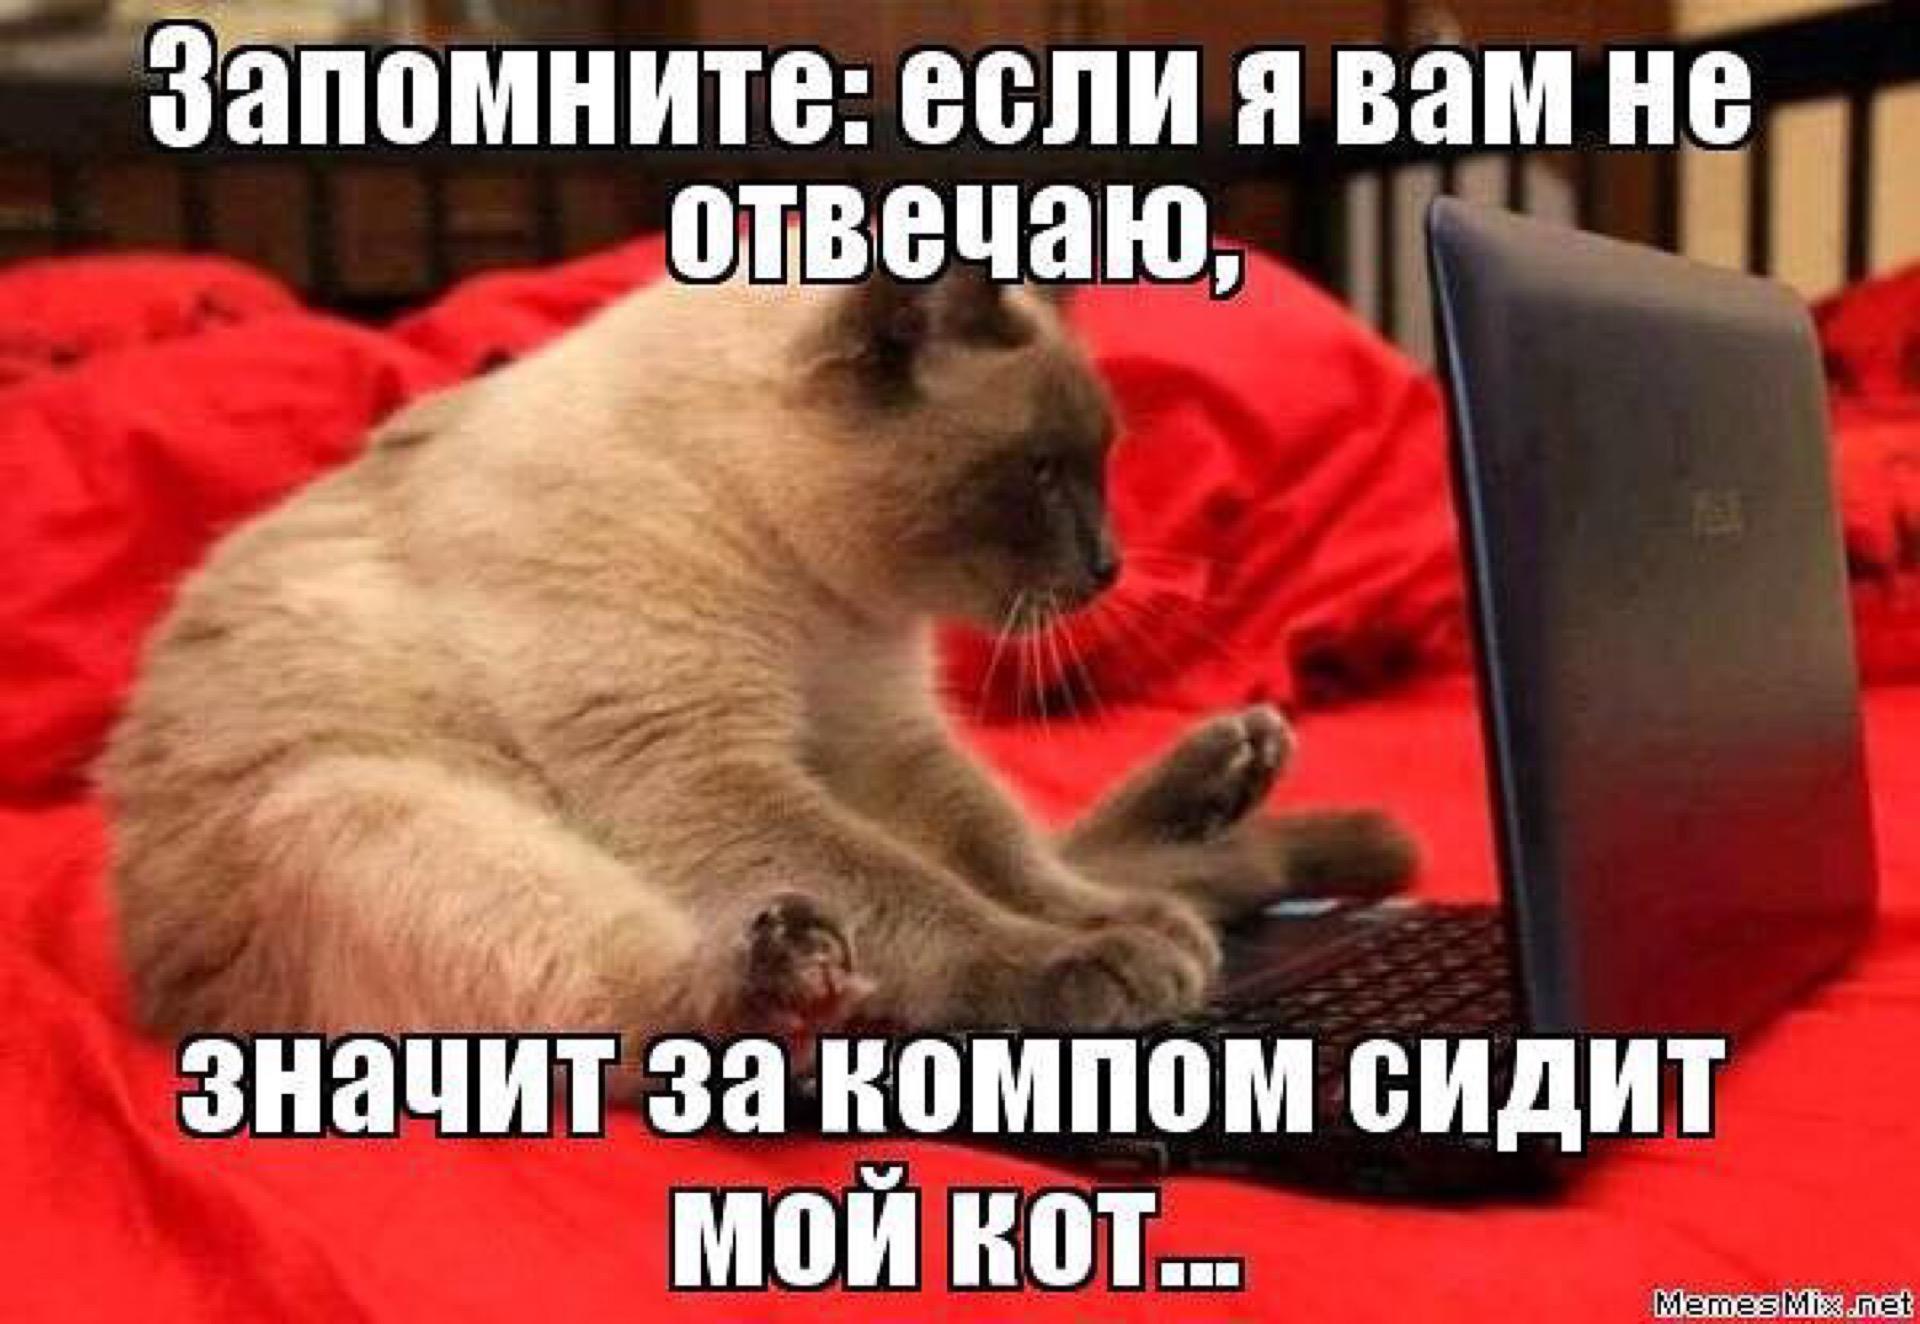 Статус если меня нет в интернете